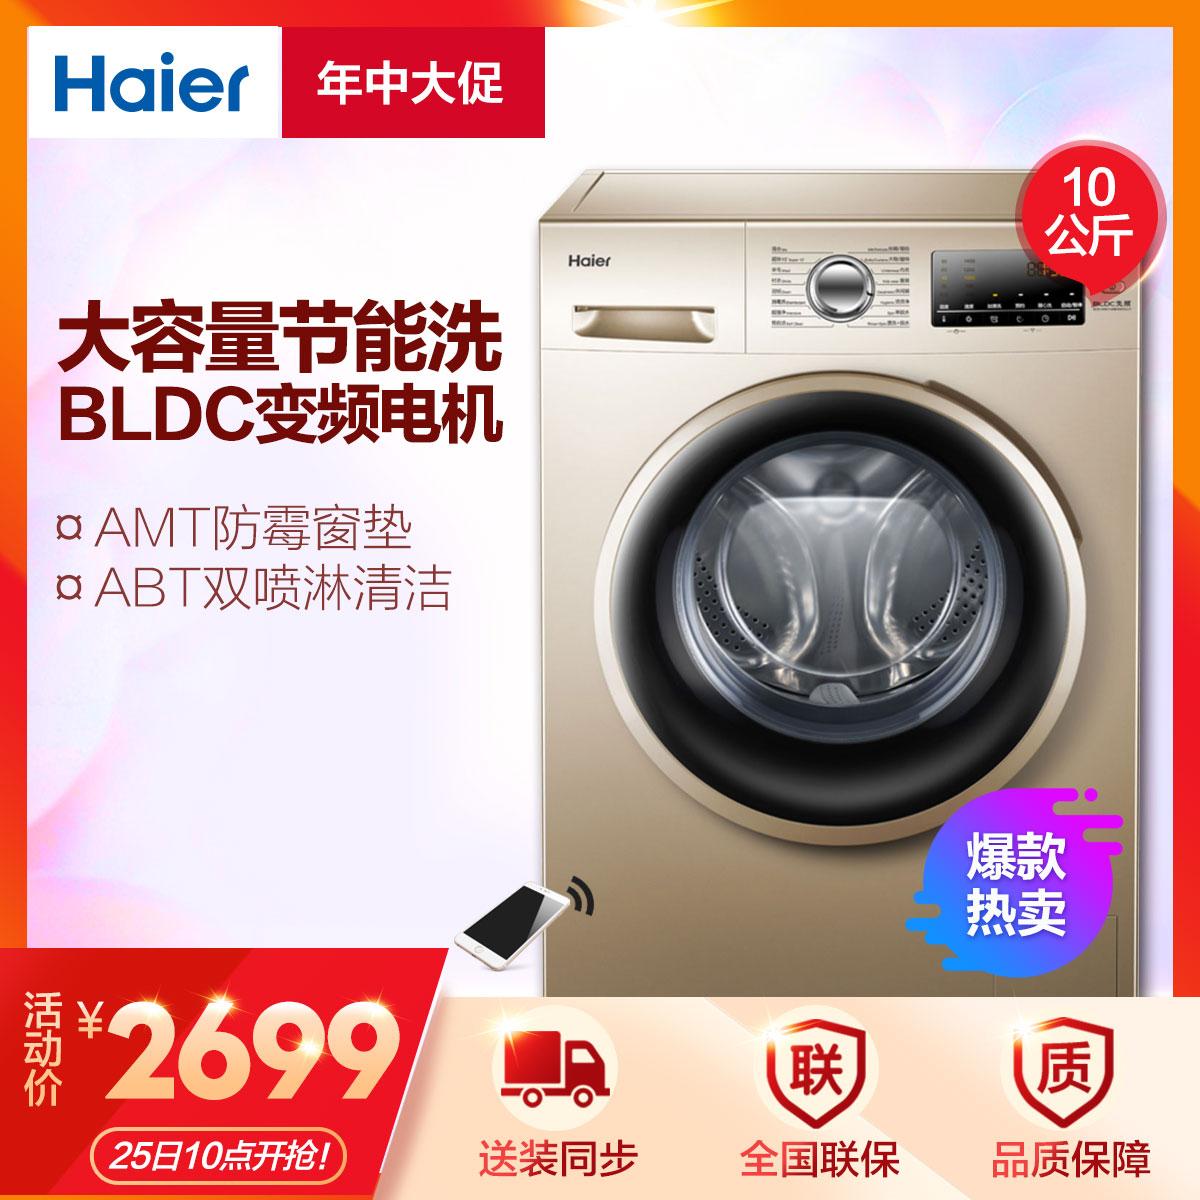 Haier/海尔 滚筒洗衣机 EG10014B39GU1 10公斤/kg智能变频滚筒全自动洗衣机